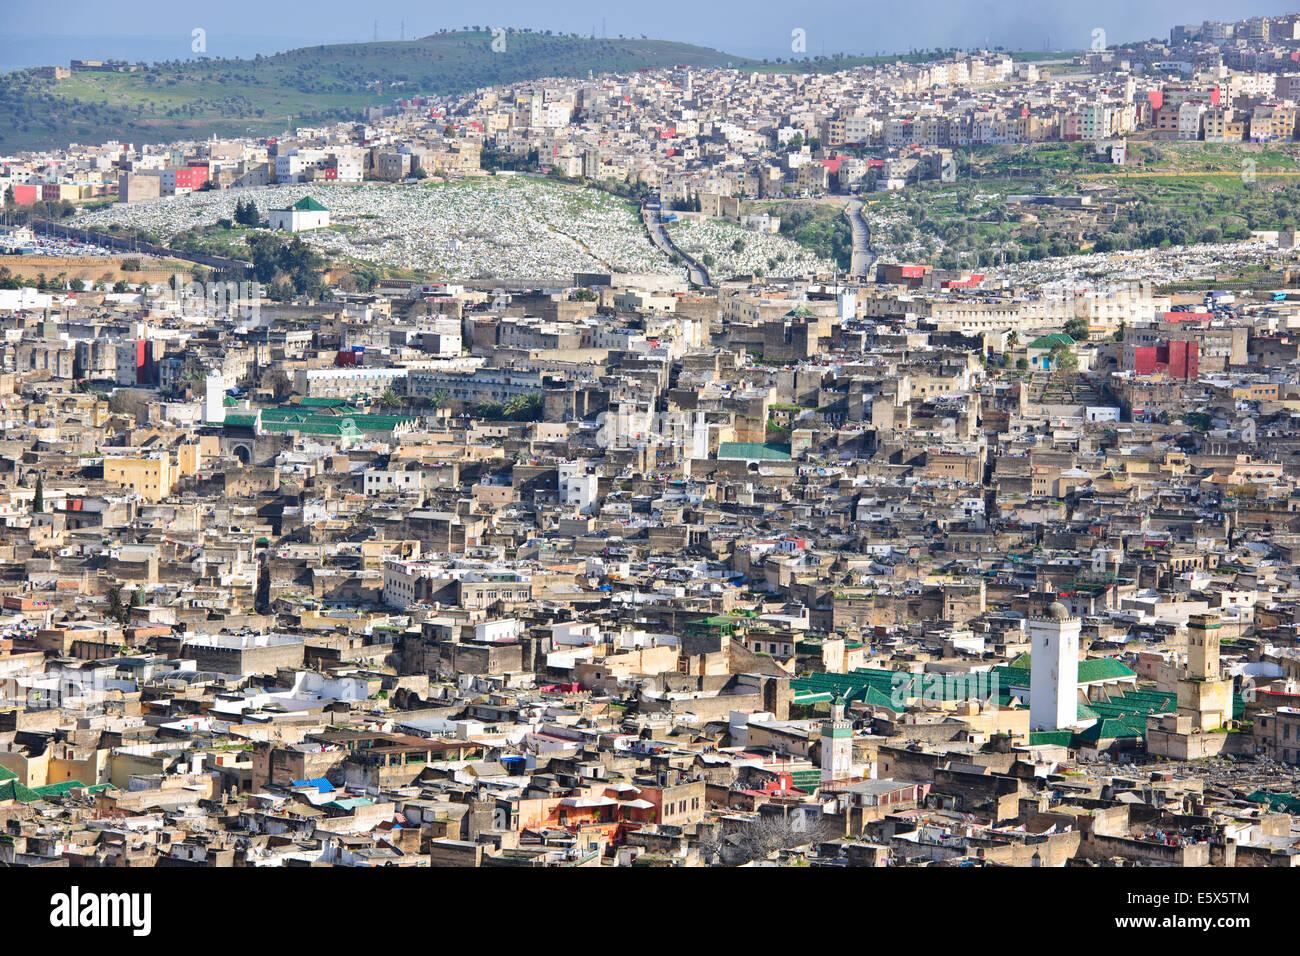 Skyline der Stadt Fez nach Ost und West, Souk, umgebenden Hügeln, Stadtmauern, jüdischer Friedhof, Moscheen, Minarette, Stockfoto